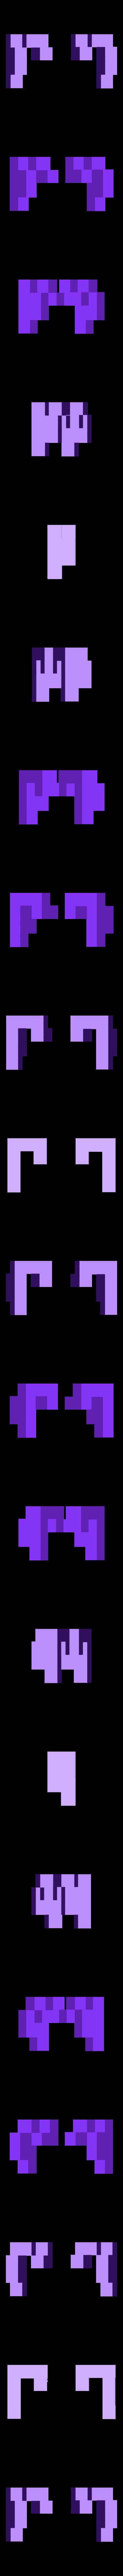 White_Eyes.stl Télécharger fichier STL gratuit Goomba 8 Bits • Objet à imprimer en 3D, conceptify